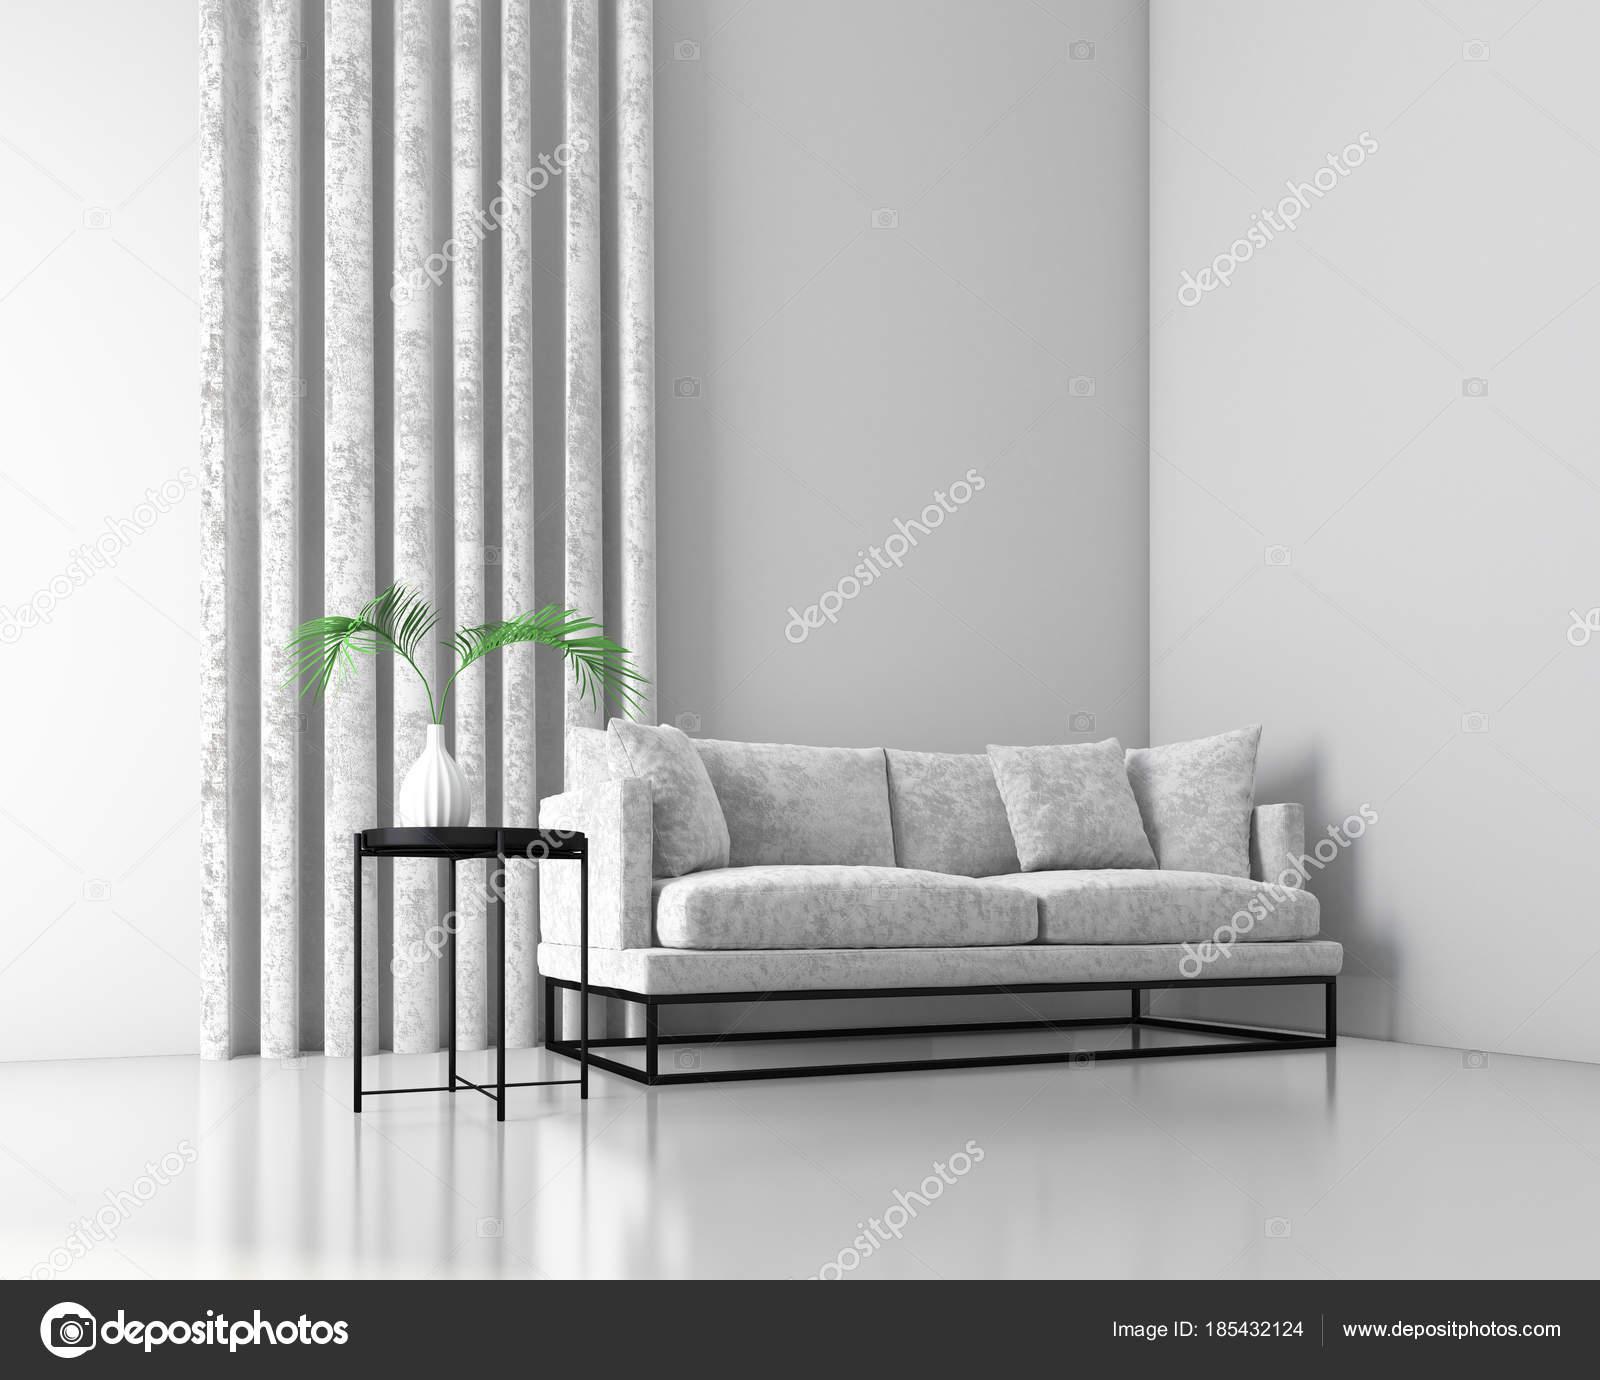 Mock Innenraum Hintergrund Mit Samt Sofa Skandinavischen Stil Render U2014  Stockfoto